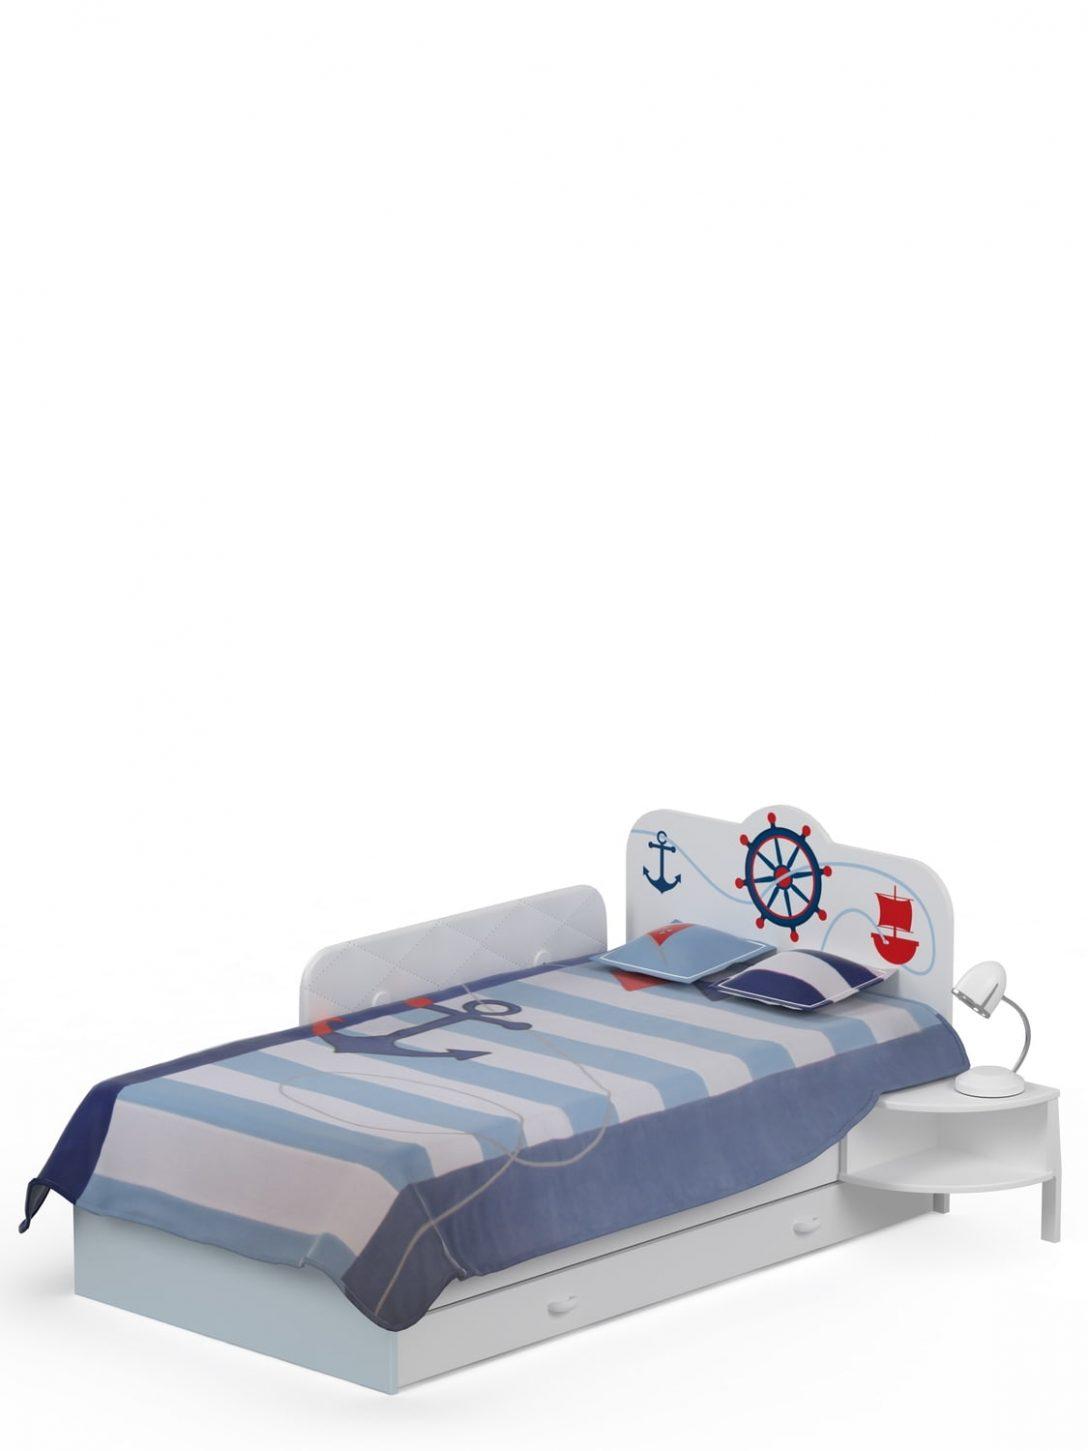 Full Size of Weiße Betten Weie Wickelbrett Fr Bett Weiss Minimalistisch Rckenlehne Günstig Kaufen Billige Japanische Oschmann Dico Günstige Ruf Rauch Gebrauchte Team 7 Bett Weiße Betten